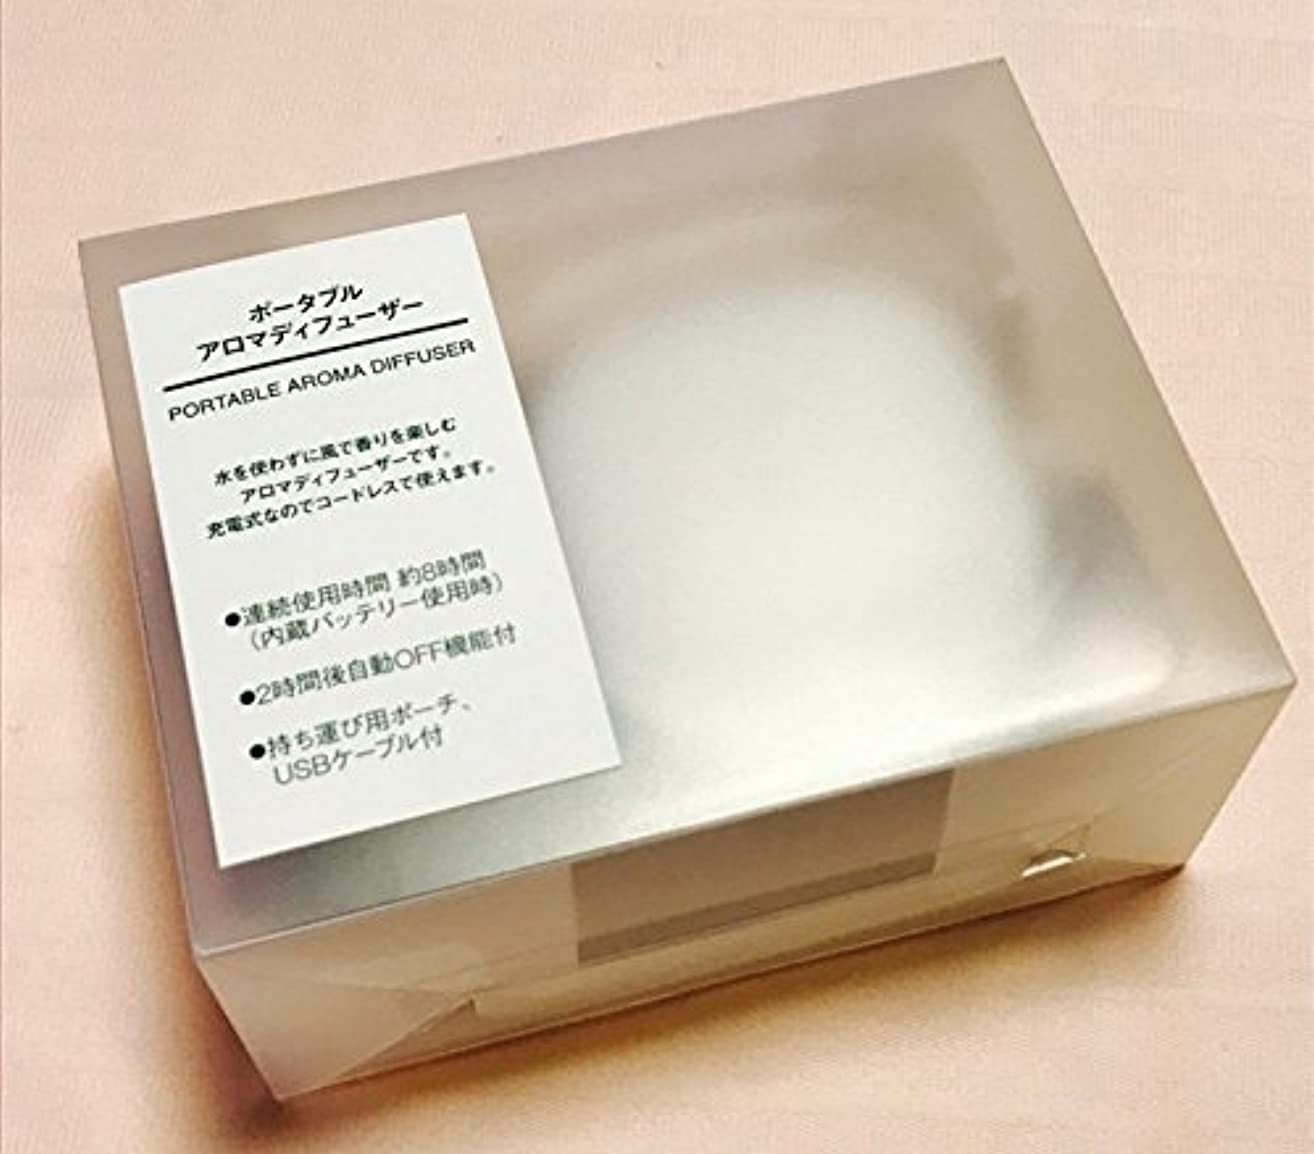 評価するなめる硬い無印良品 ポータブルアロマディフューザー 型番:MJ‐PAD1